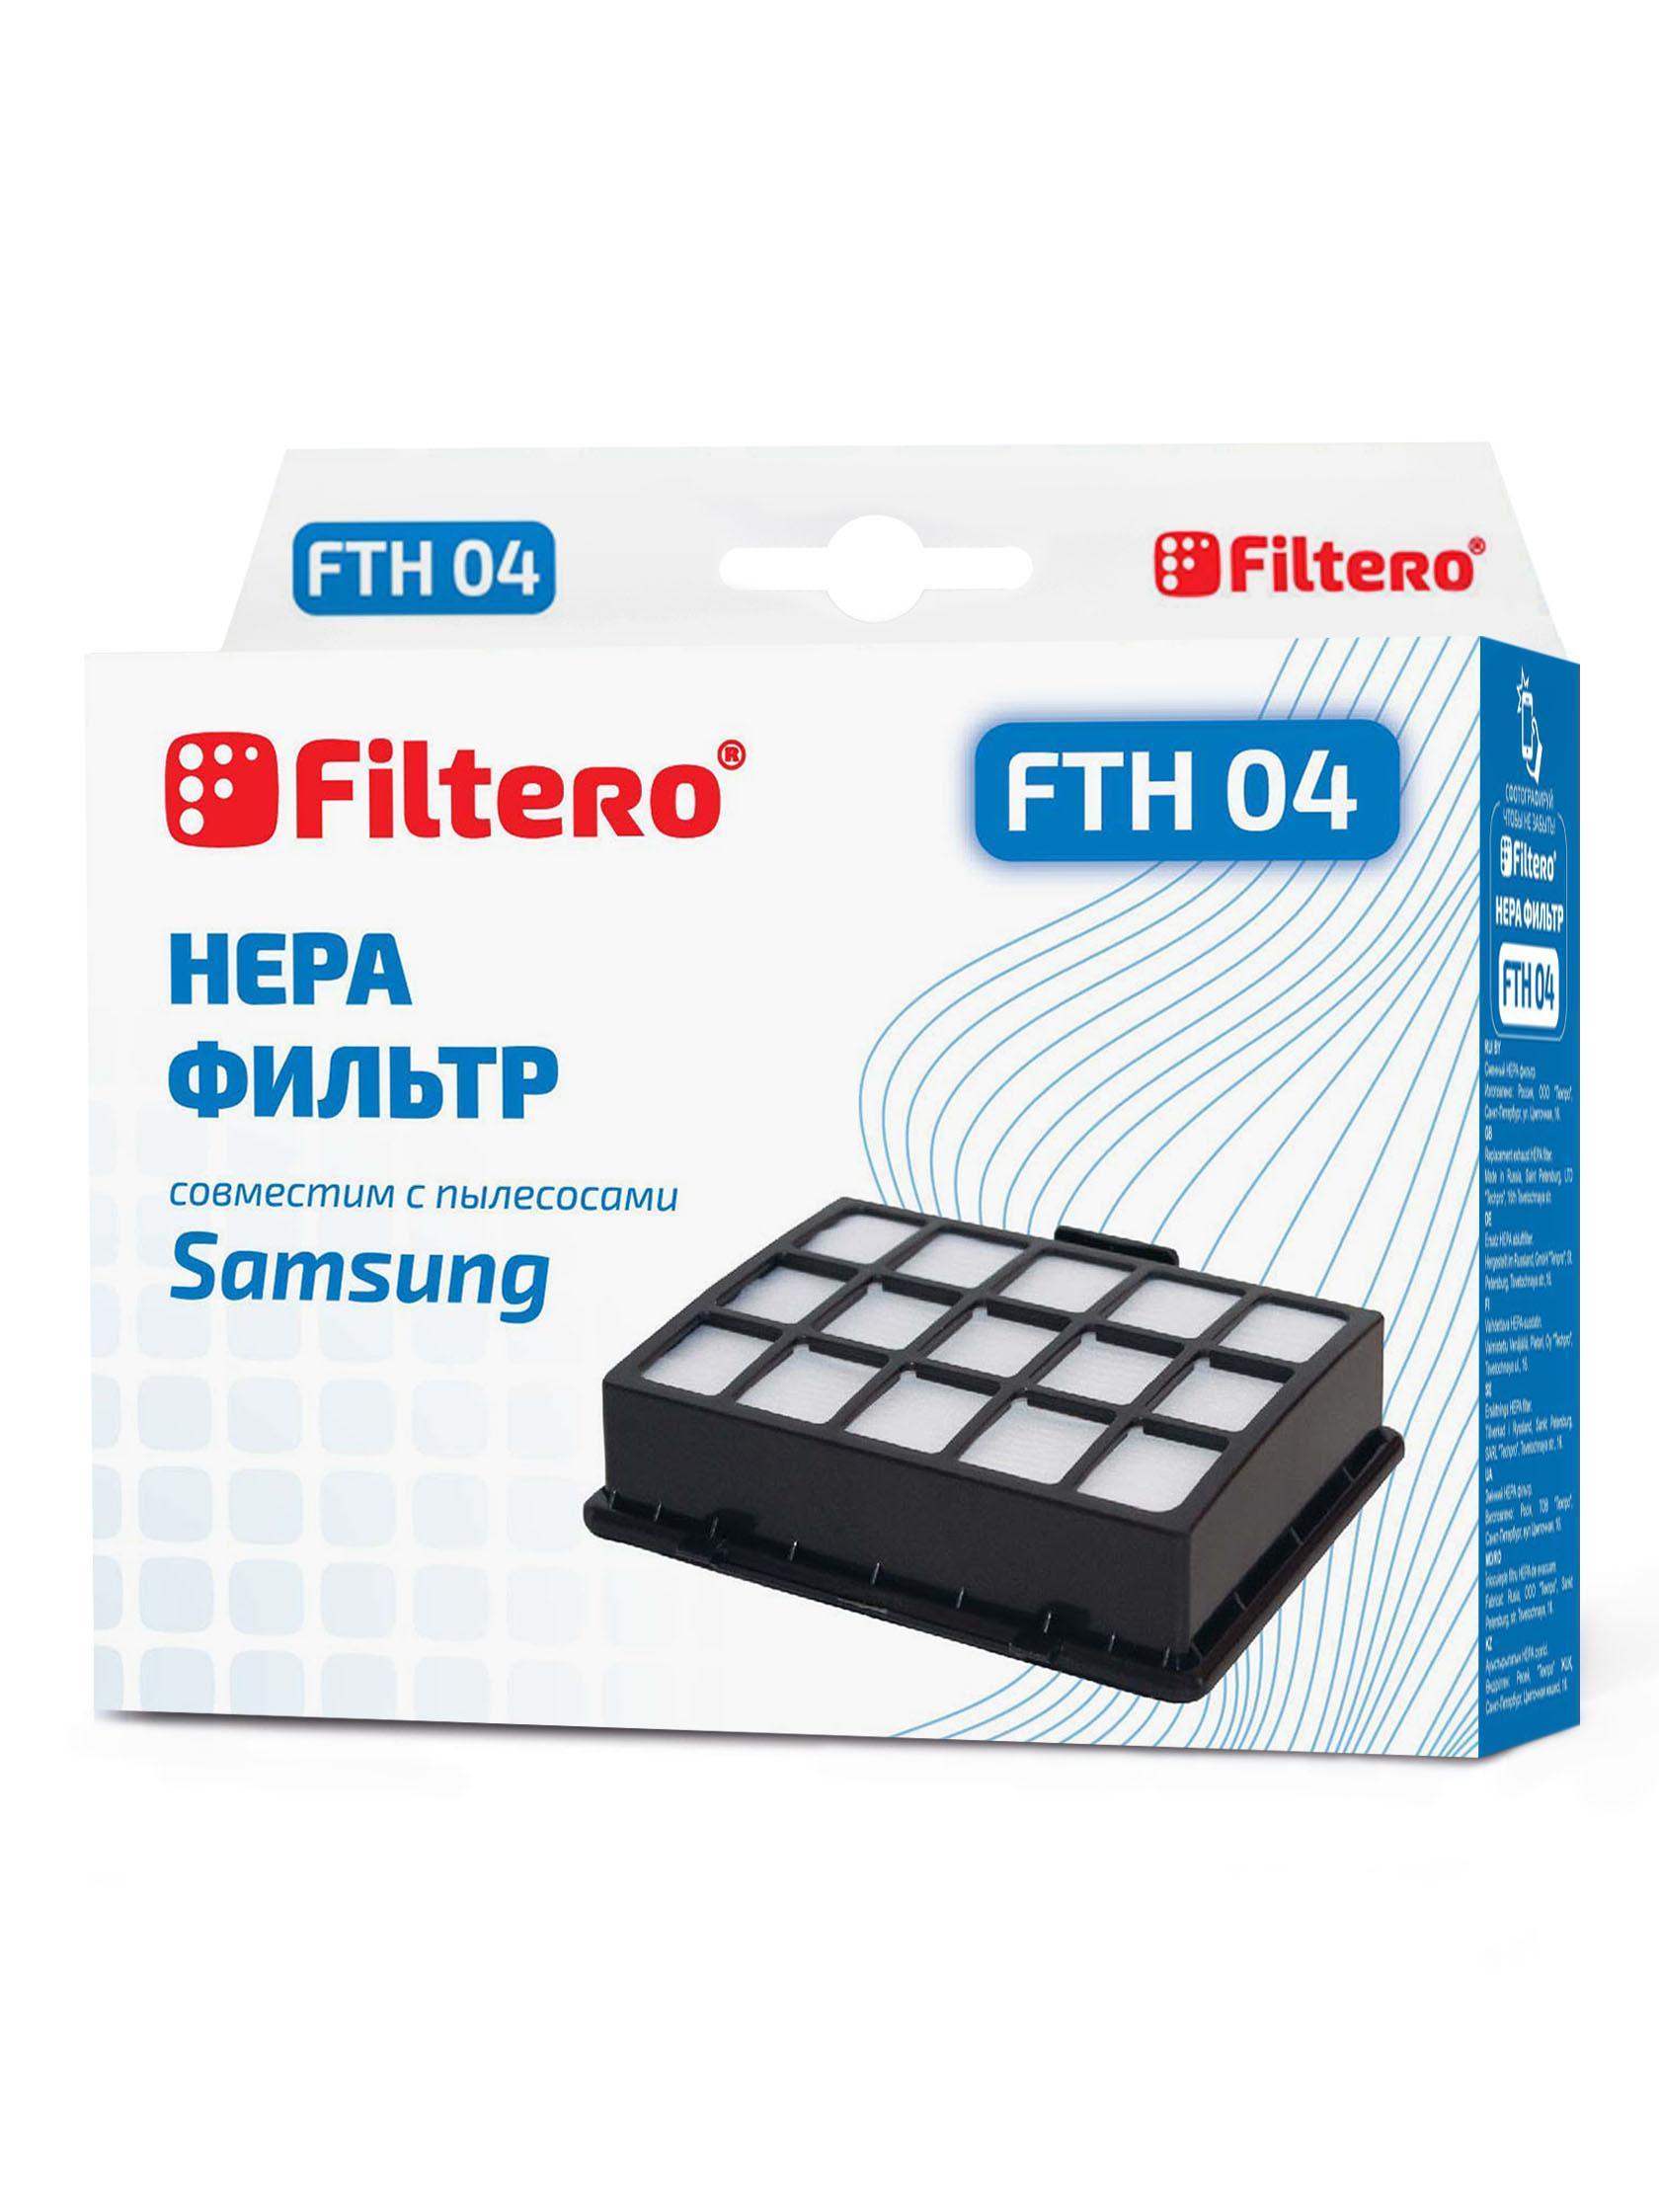 Фильтр Filtero Fth 04 sam